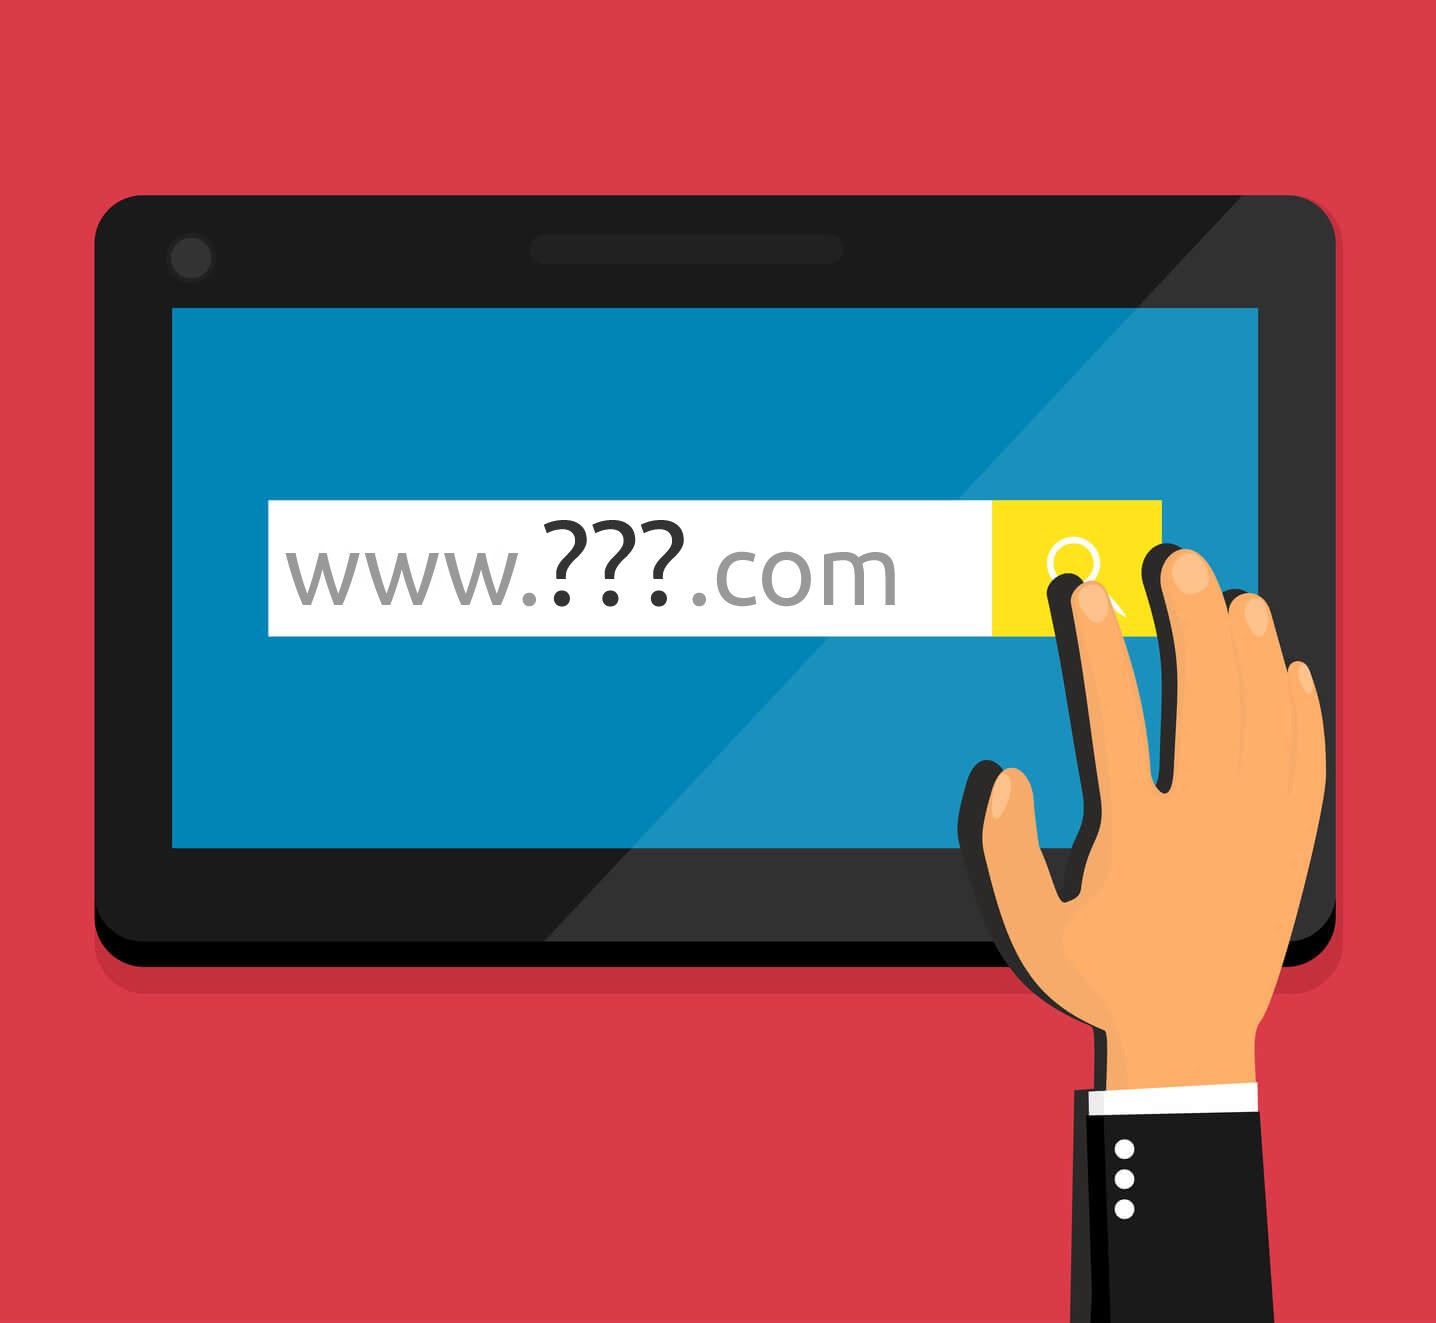 É vantegem registrar vários domínios para um site?